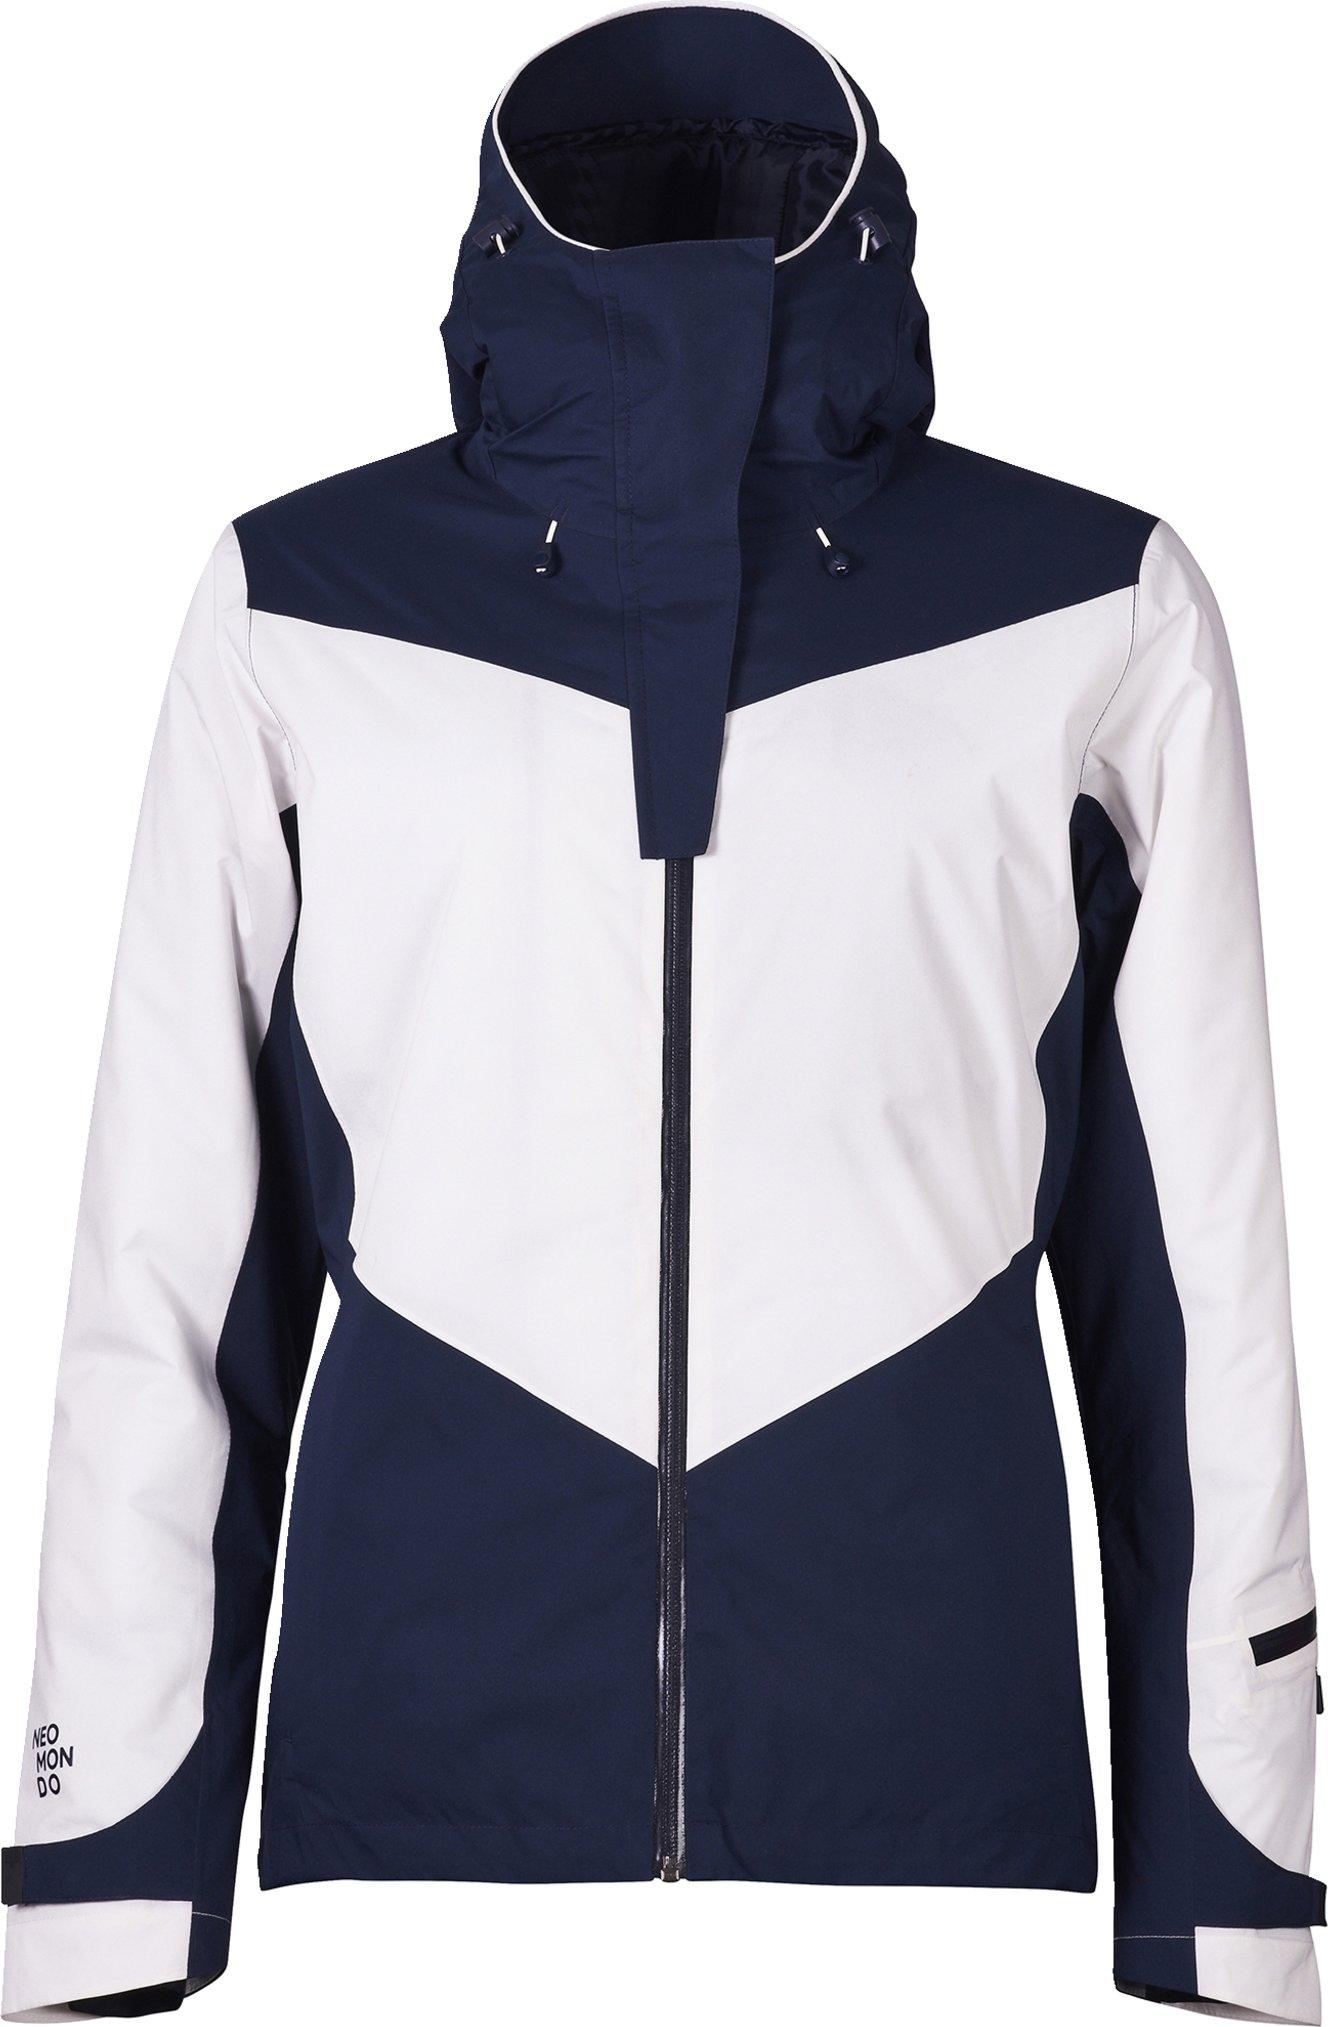 Best pris på Neomondo Kviby Ski Jacket (Herre) Se priser